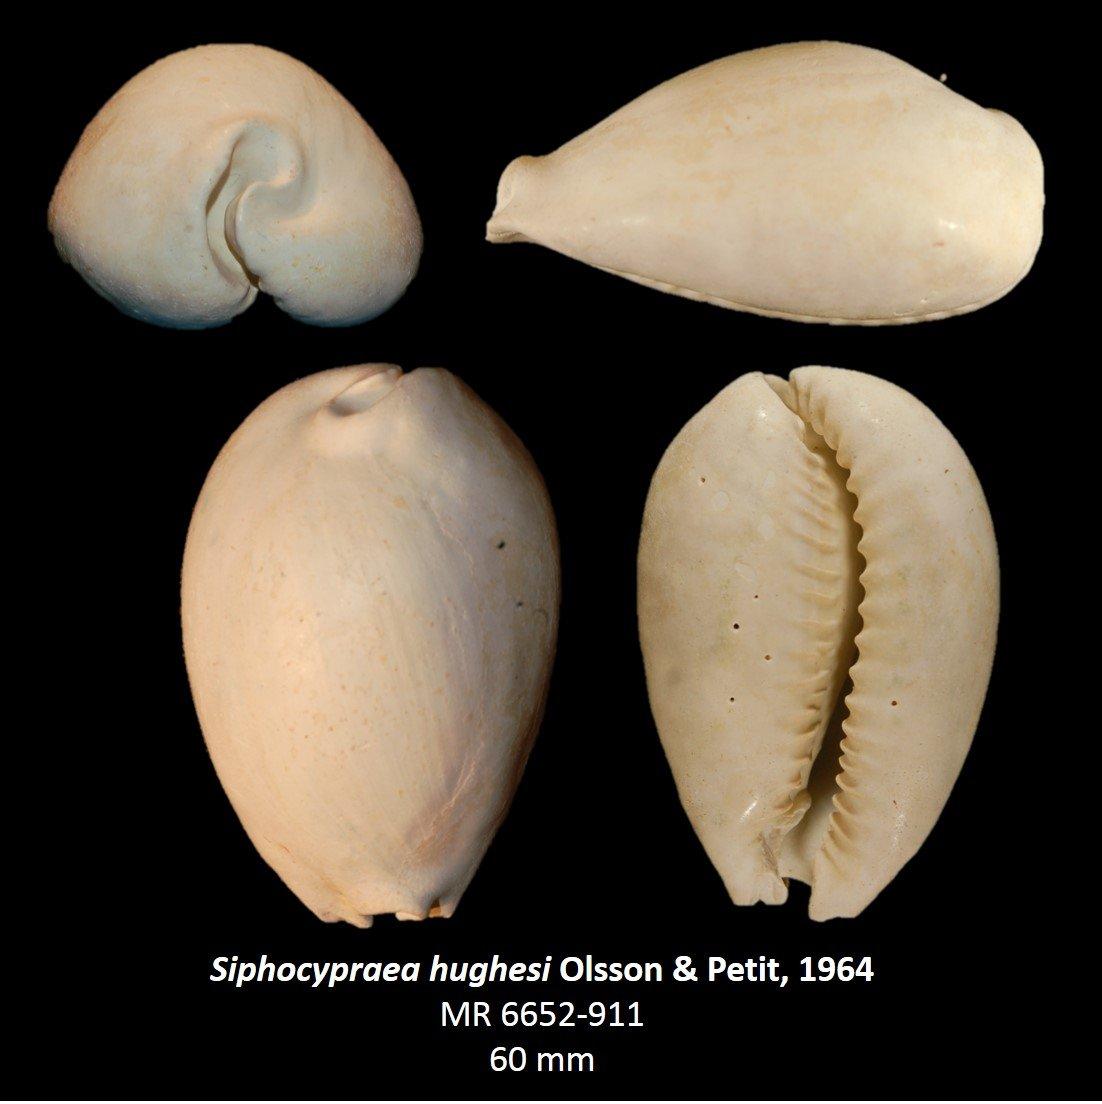 Siphocypraea hughesi